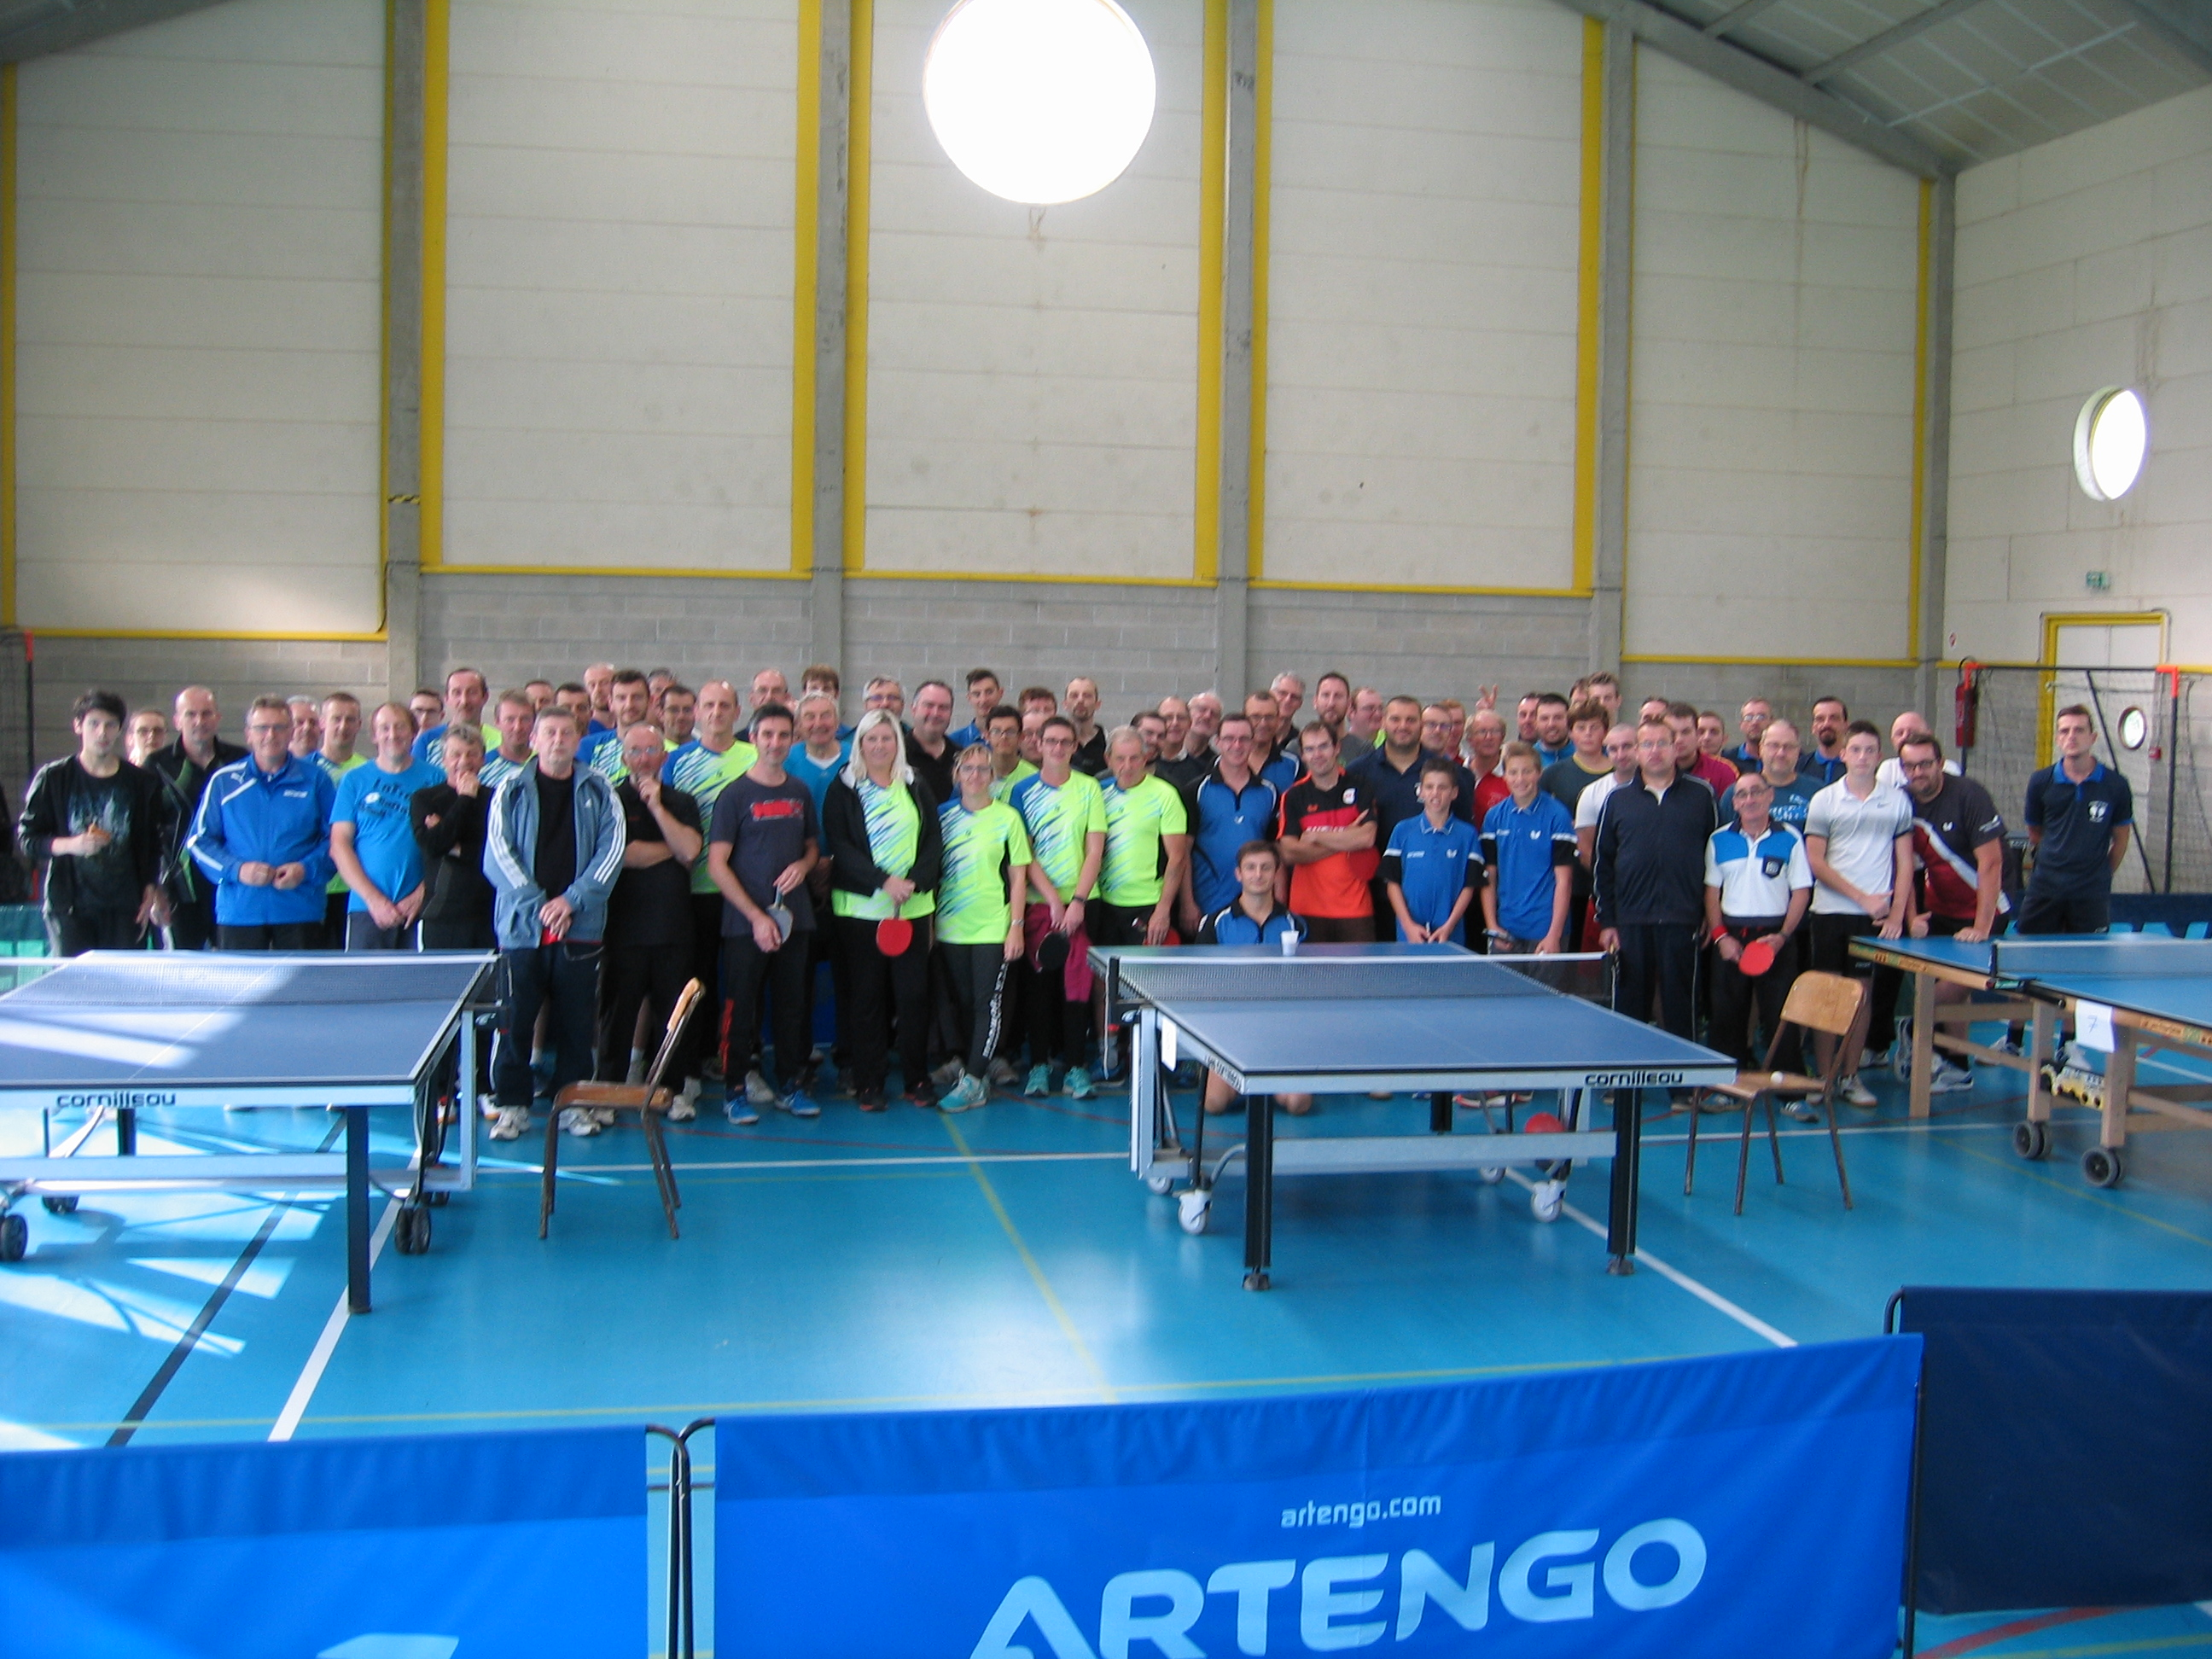 Rencontre Tennis de Table organisée par le CDSMR 59